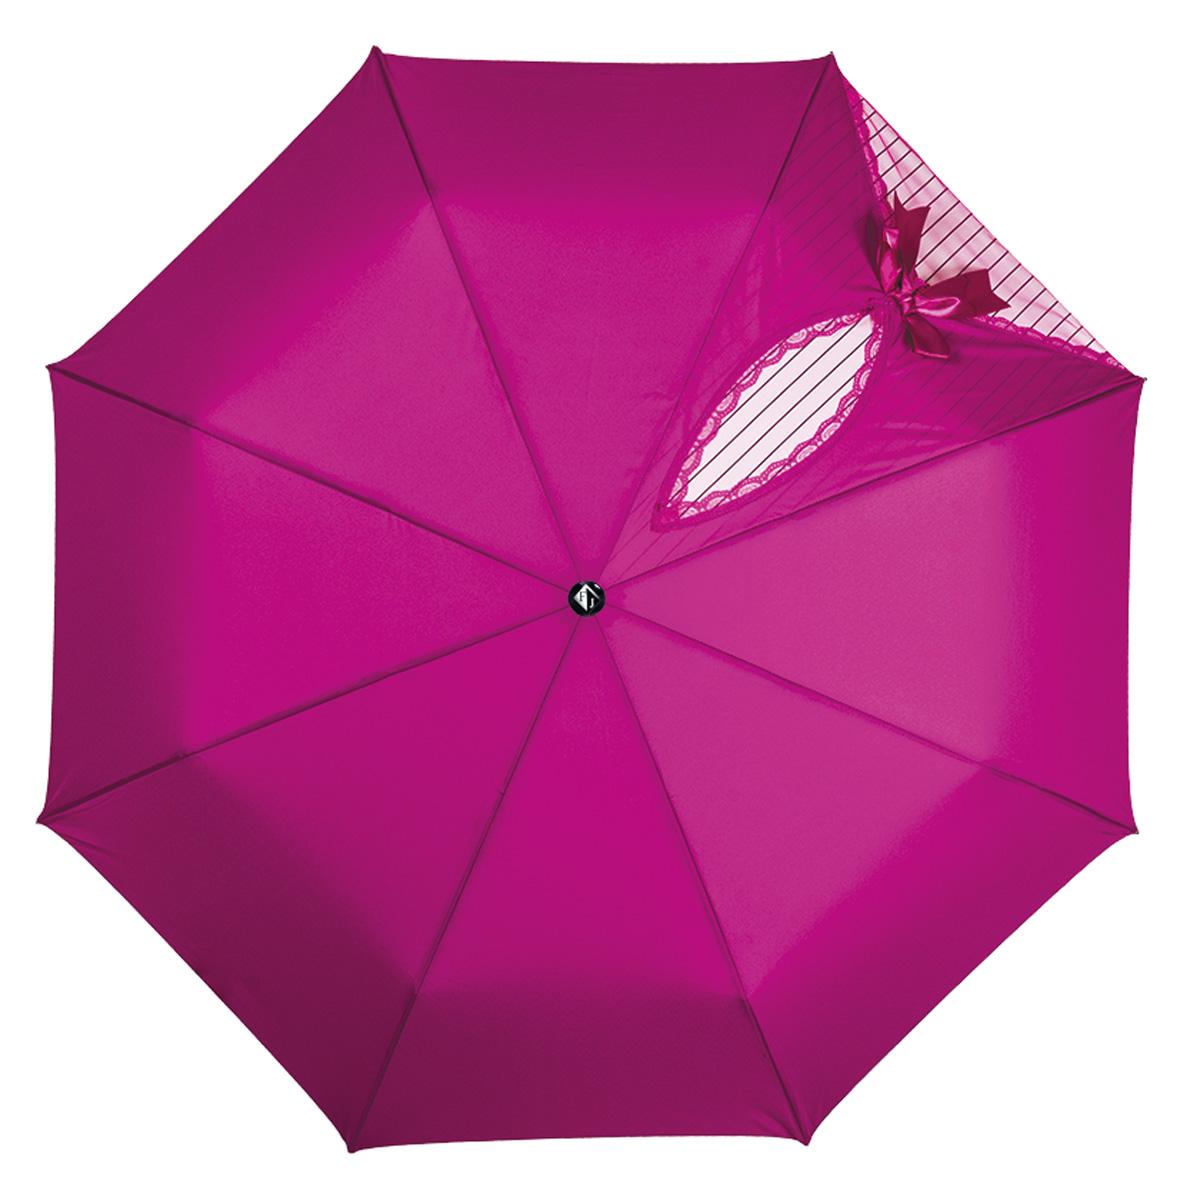 Зонт женский Flioraj Кокетка, автомат, 3 сложения, цвет: фуксия. 20002 FJ20002 FJОчаровательный автоматический зонт Flioraj Кокетка в 3 сложения отлично подойдет для ненастной погоды. Ветростойкий каркас зонта, изготовленный из анодированной стали, состоит из восьми спиц и прочного стержня. Купол зонта с тефлоновой пропиткой выполнен из полиэстера и оформлен узором в полоску, кружевной оторочкой и милым бантиком. Модель оснащена рукояткой из пластика. Зонт имеет полный автоматический механизм сложения: купол открывается и закрывается нажатием кнопки на рукоятке, стержень складывается вручную до характерного щелчка. Благодаря этому открыть и закрыть зонт можно одной рукой, что чрезвычайно удобно при входе в транспорт или помещение. Небольшой шнурок, расположенный на рукоятке, позволяет надеть изделие на руку при необходимости. Модель закрывается при помощи хлястика на кнопке. Такой зонт не только надежно защитит вас от дождя, но и станет стильным аксессуаром, который идеально подчеркнет ваш неповторимый образ.